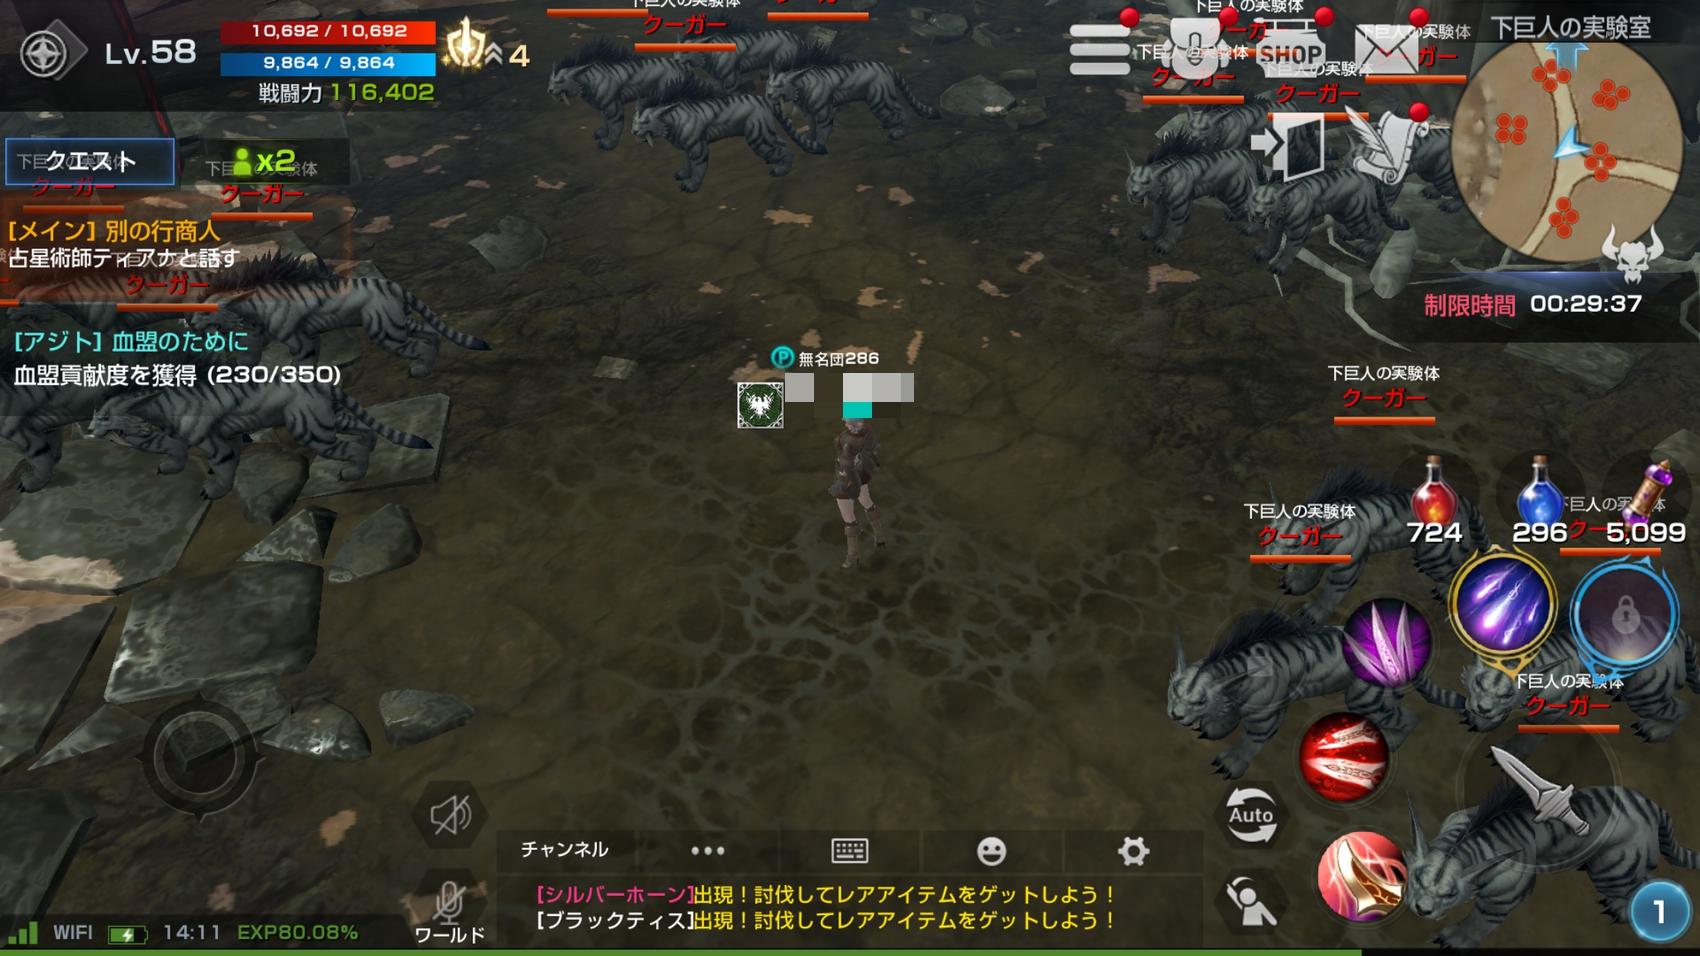 リネレボ【攻略】: レア召喚石でモンスターコアを大量ゲット!